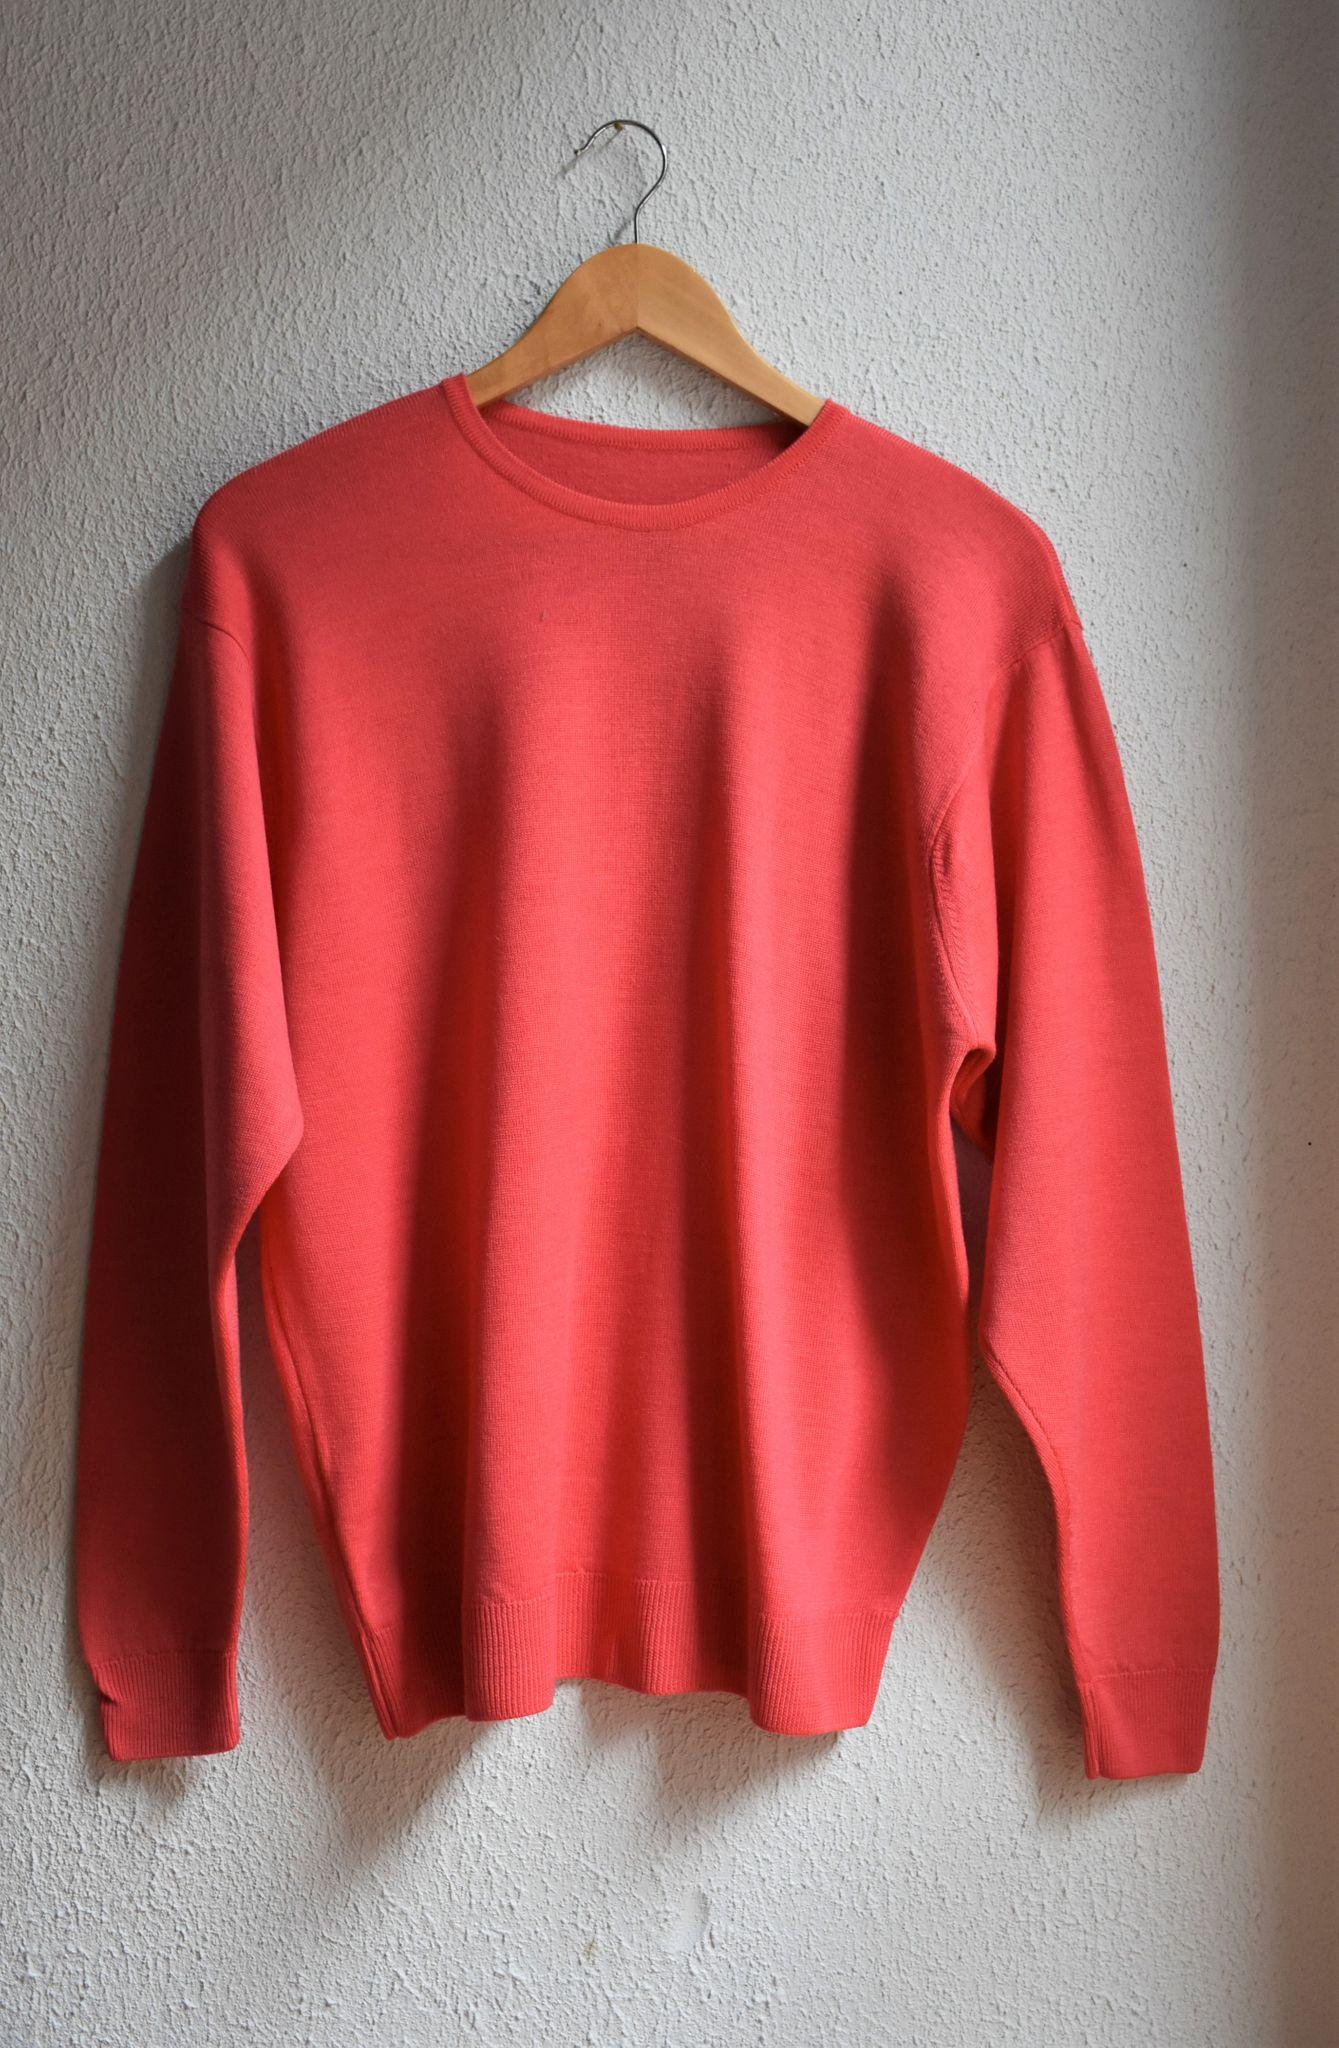 Pomarańczowy sweter oversize z wełny jagnięcej - PONOŚ SE vintage shop | JestemSlow.pl